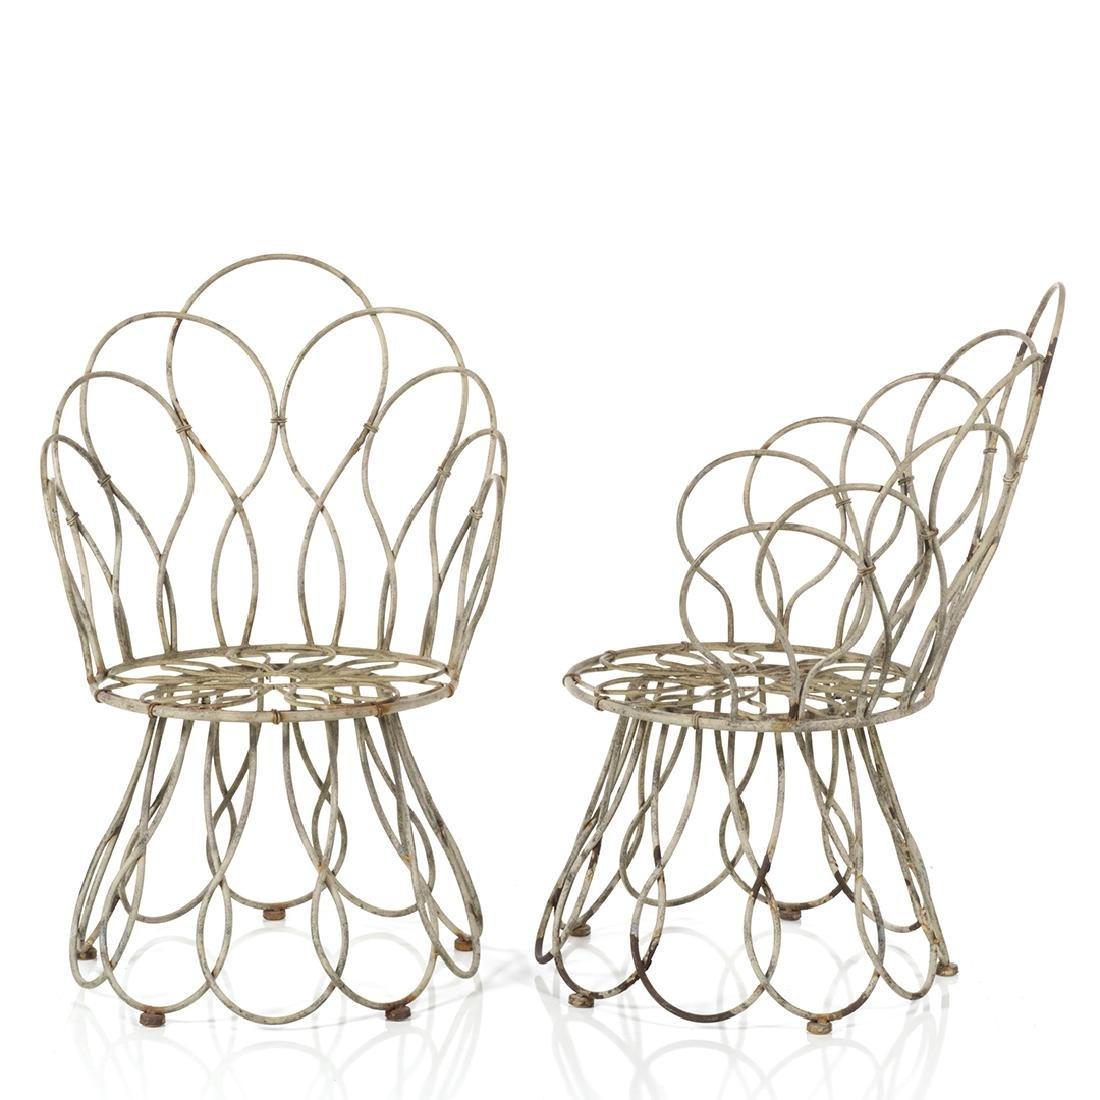 Sculptural Garden Chairs (2) - 2